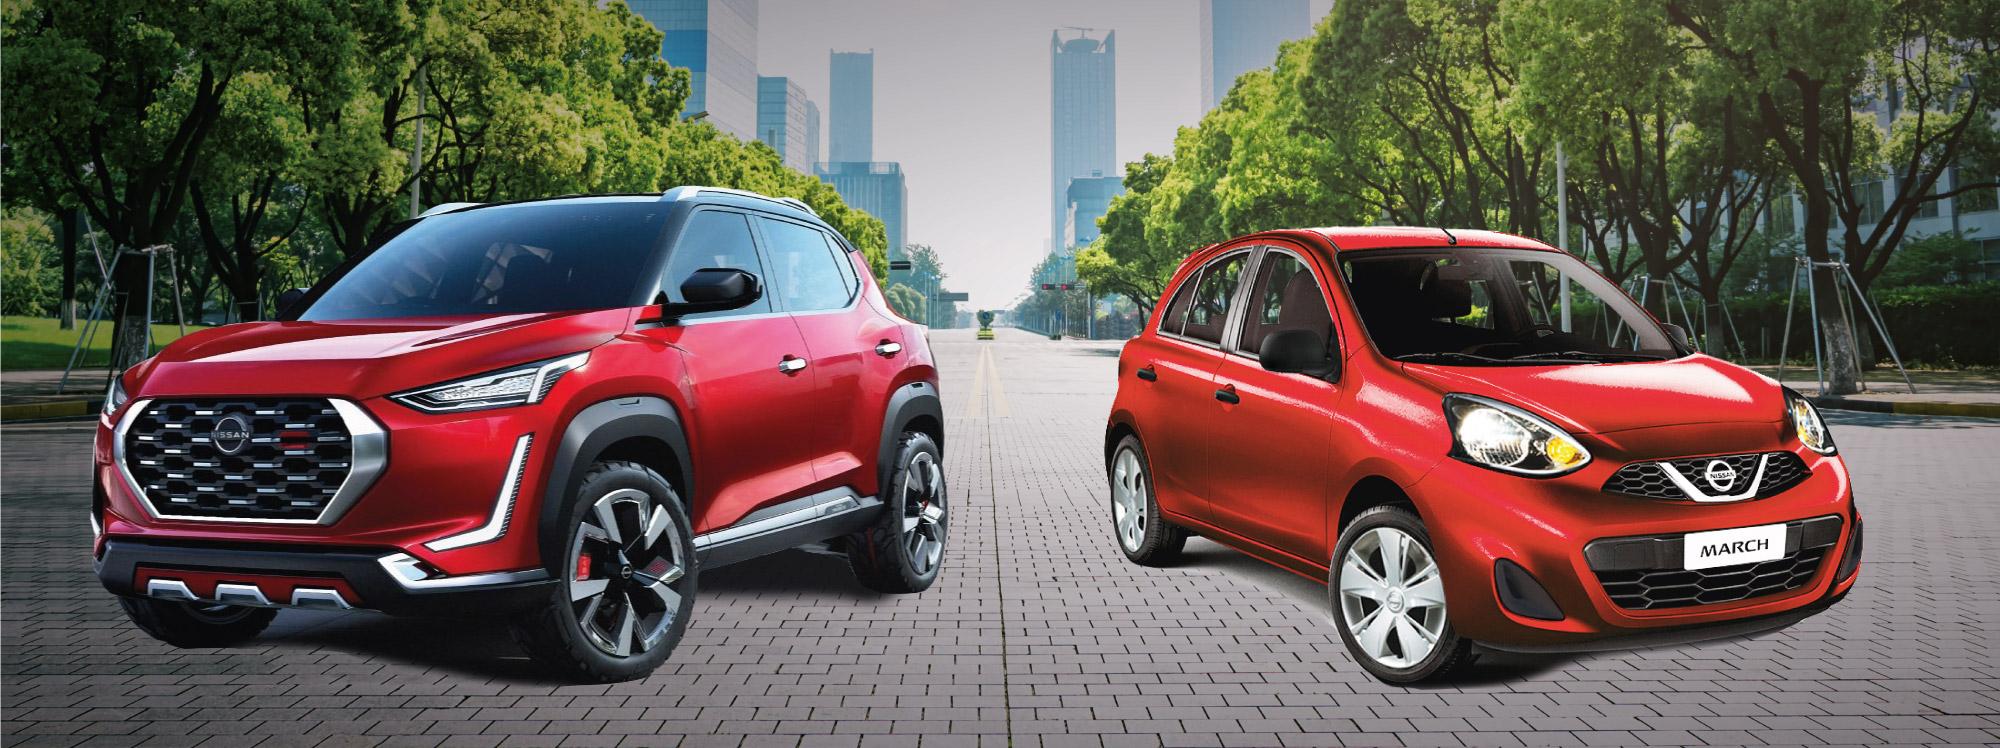 Nissan dejará de fabricar el March